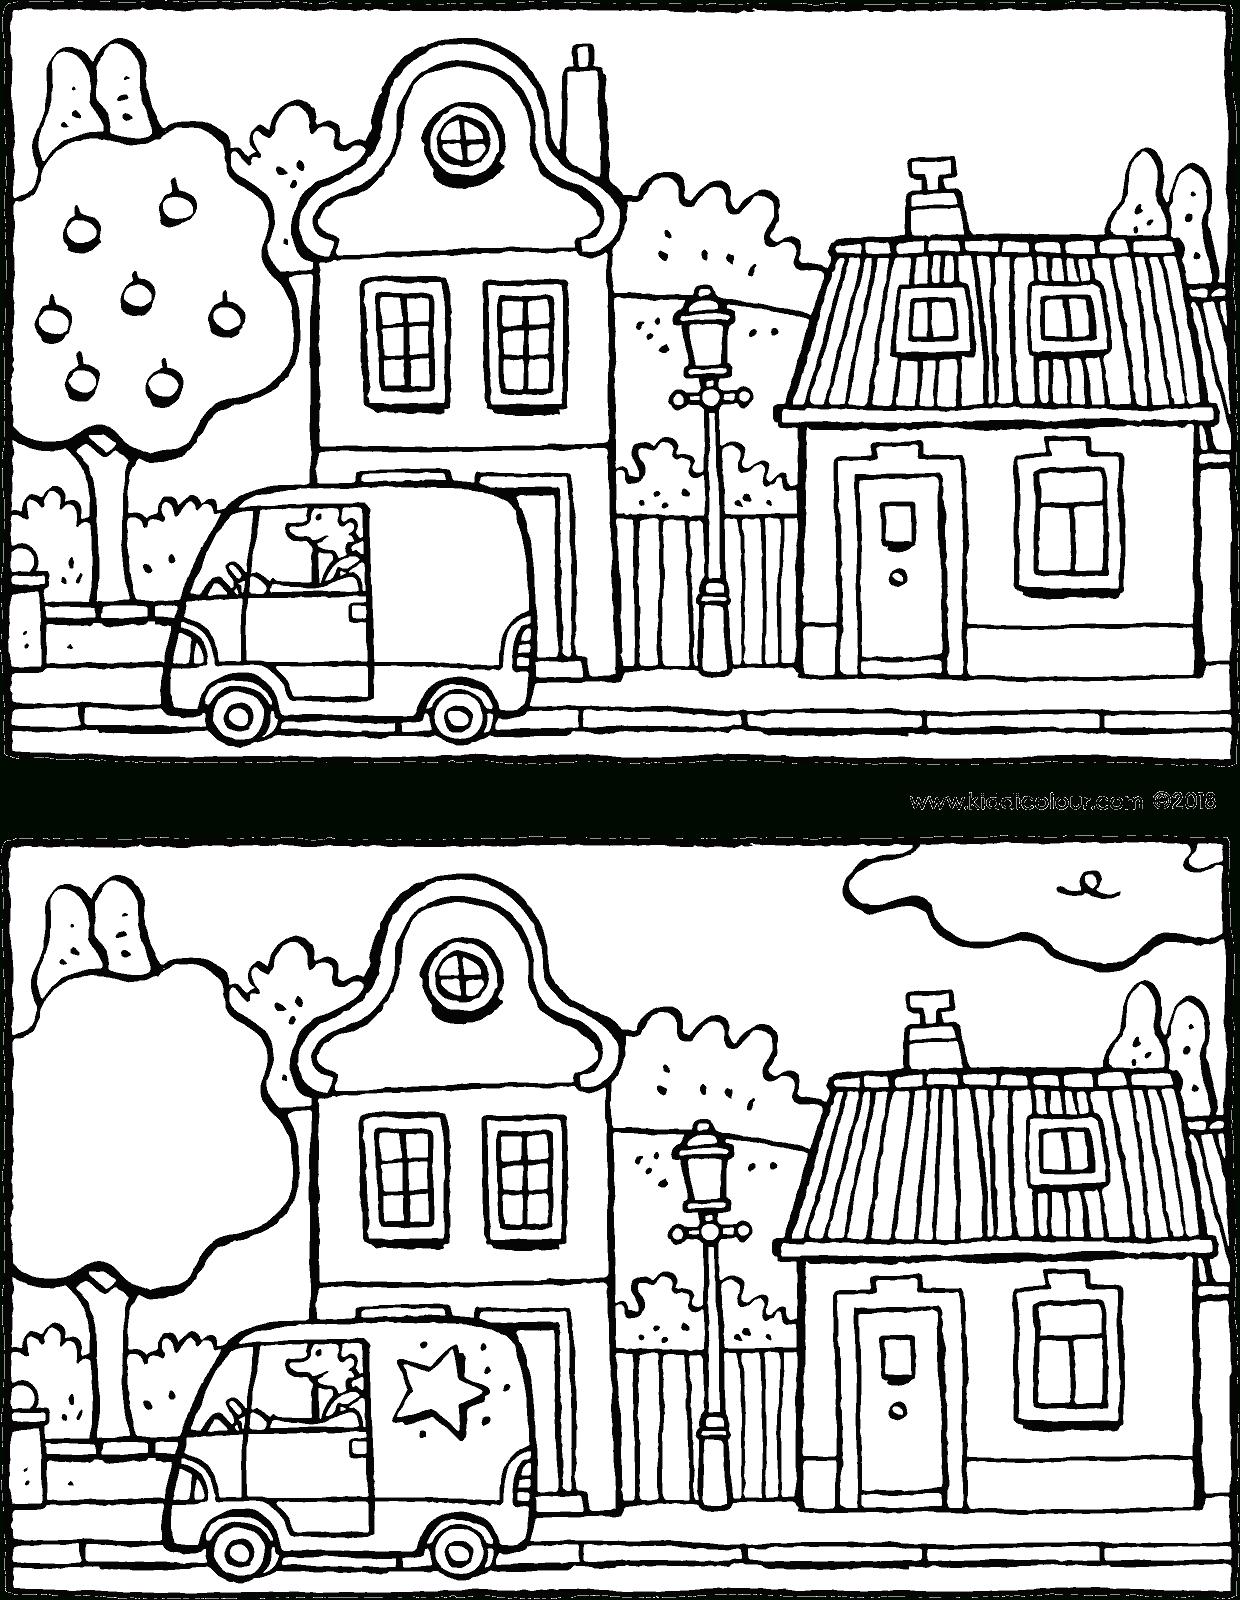 Cherche Les 5 Différences Dans Cette Rue - Kiddicoloriage encequiconcerne Les 5 Differences